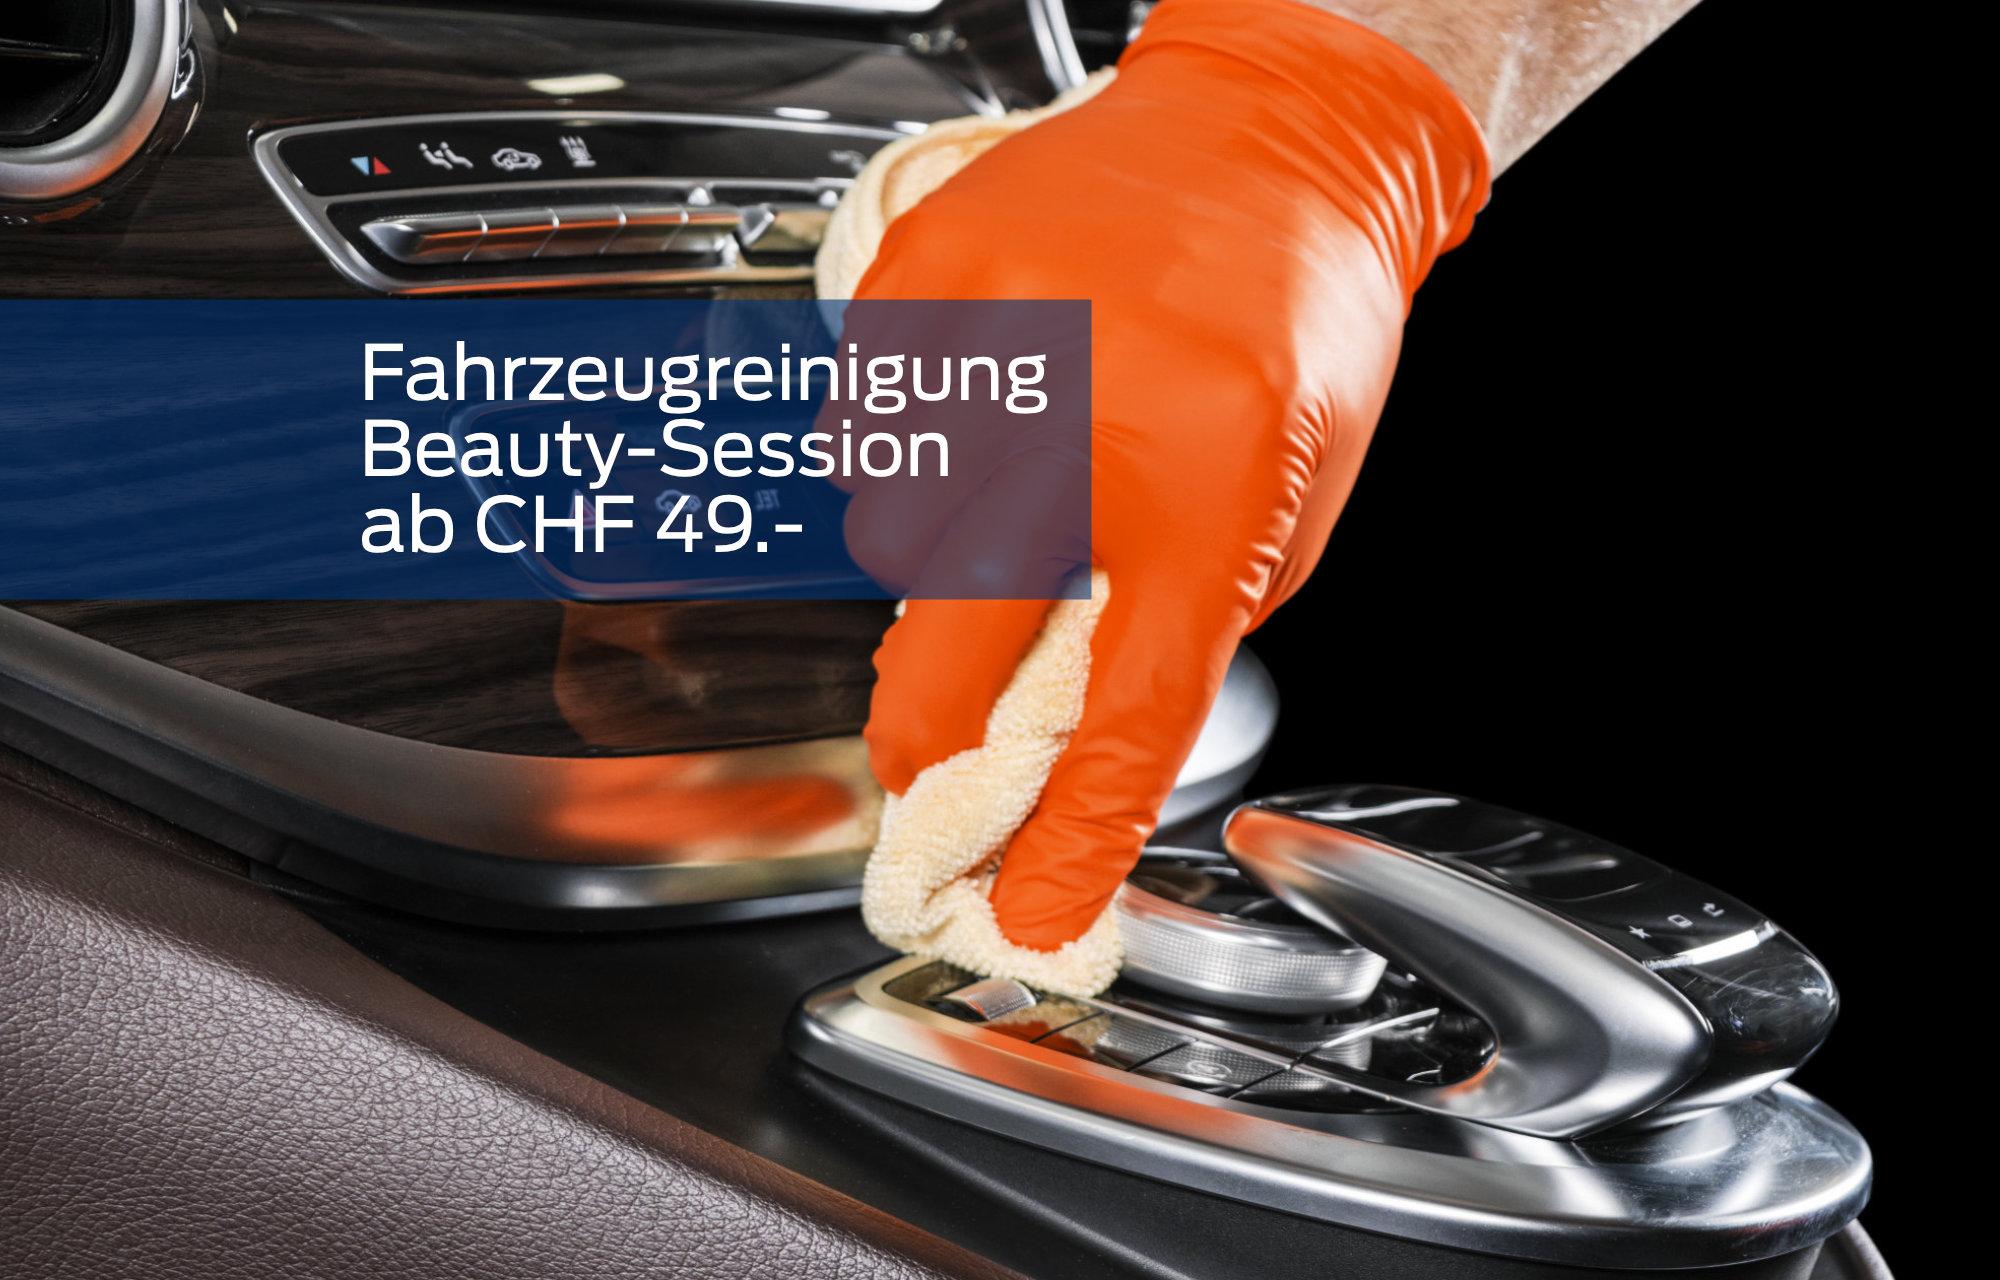 Fahrzeugwäsche und Fahrzeugreinigung Bütkofer Automobile AG